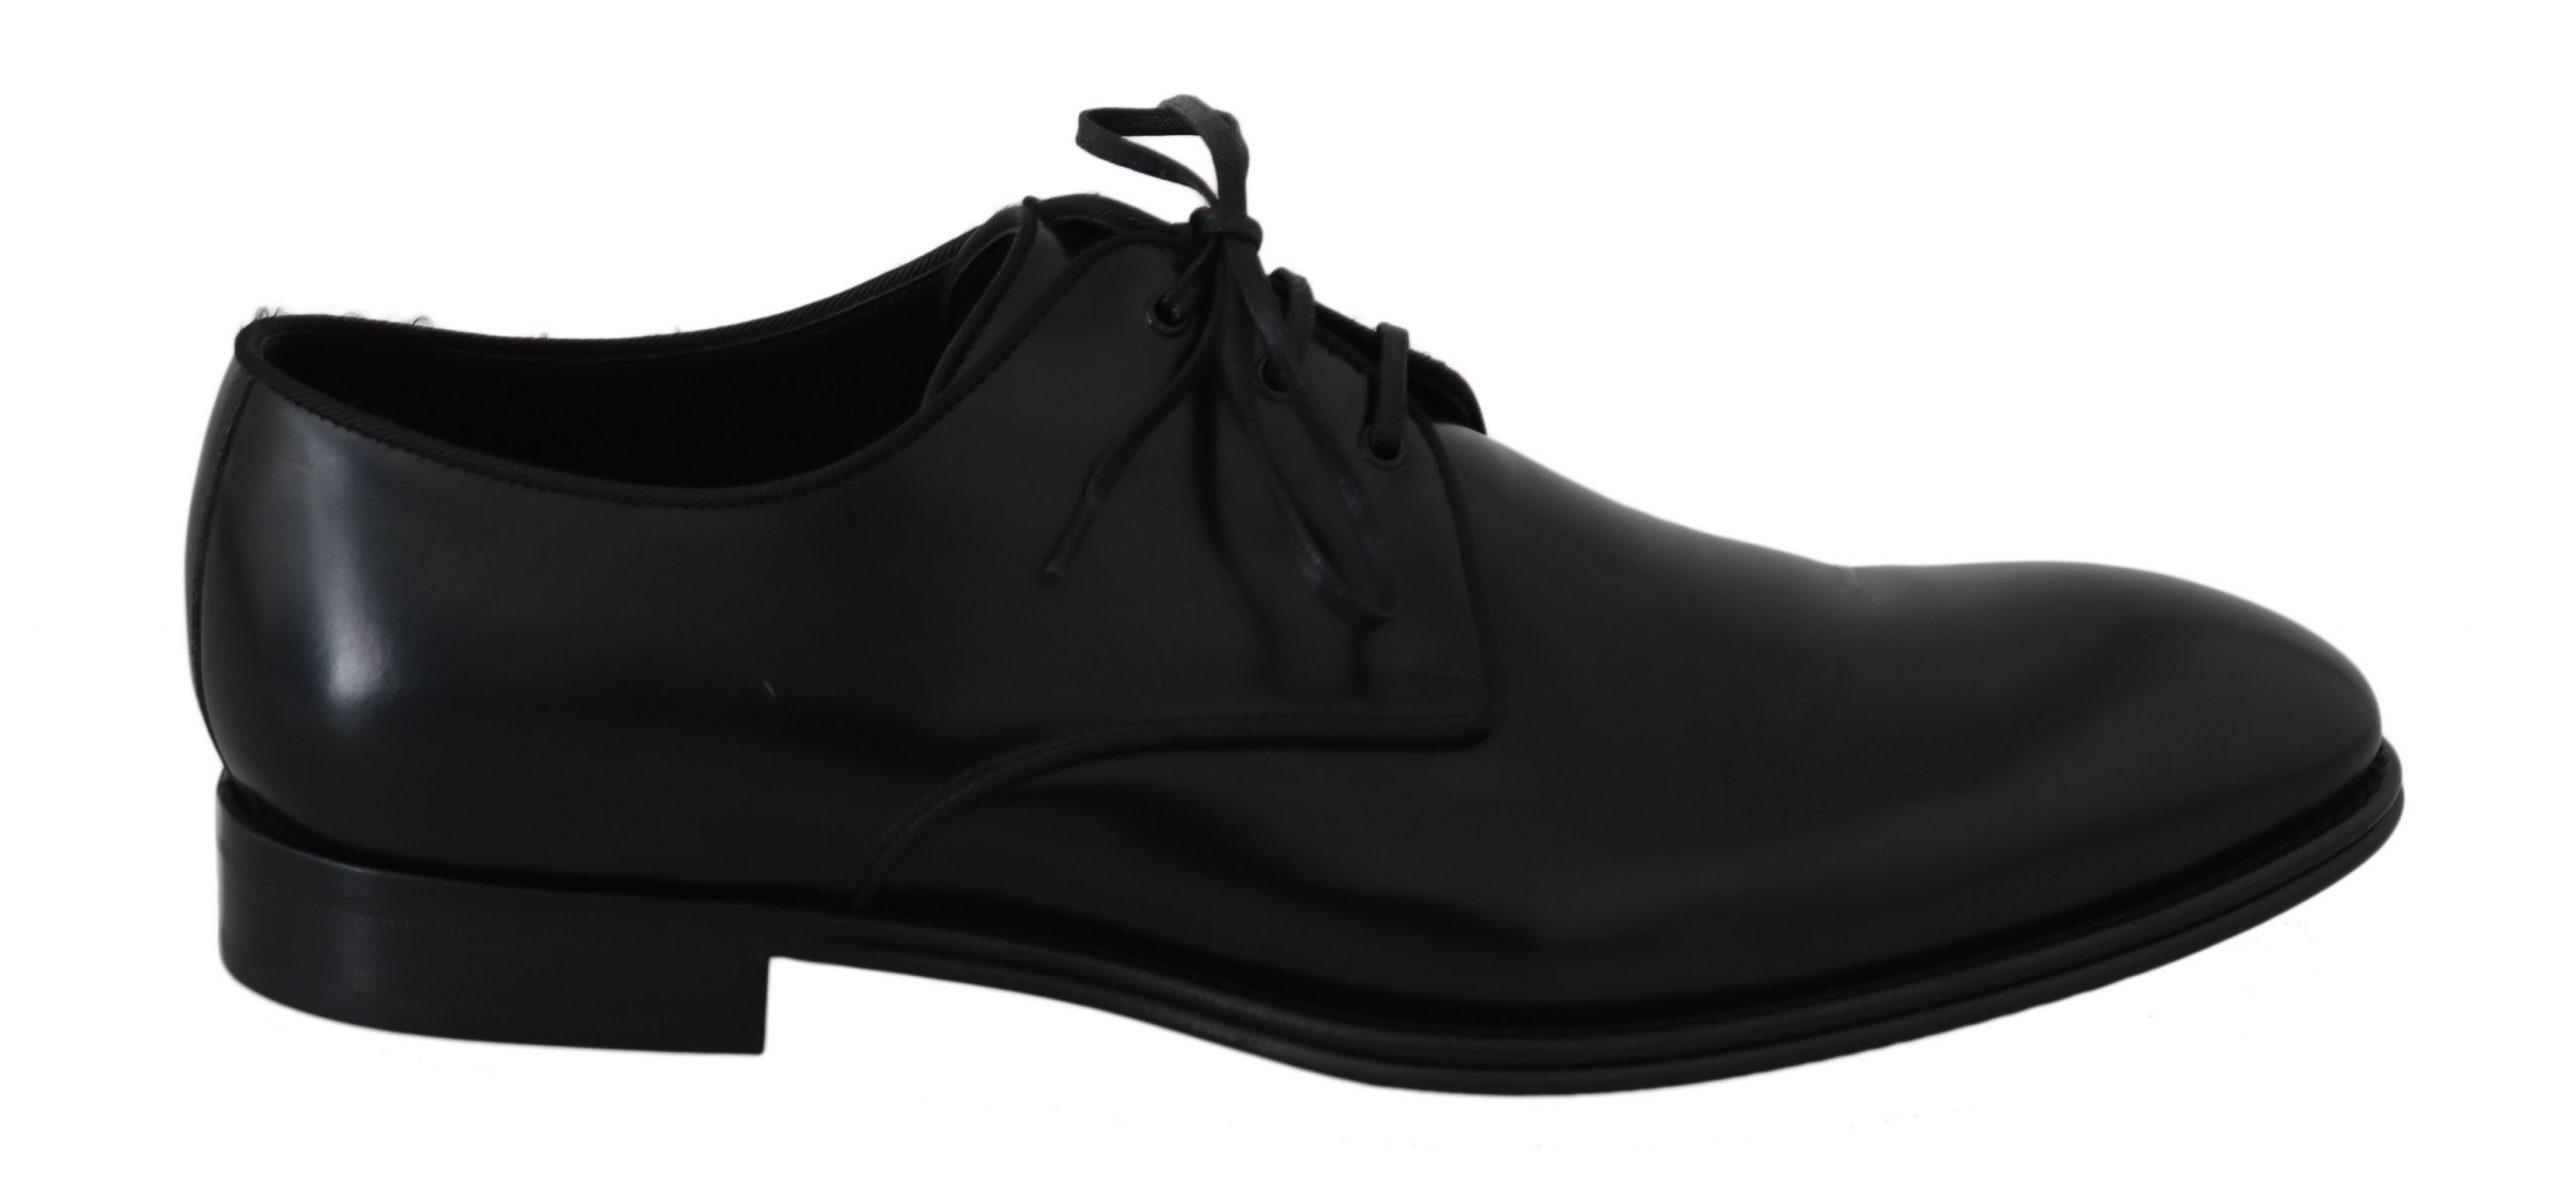 Dolce & Gabbana Men's Shoes Black MV2344 - EU39/US6